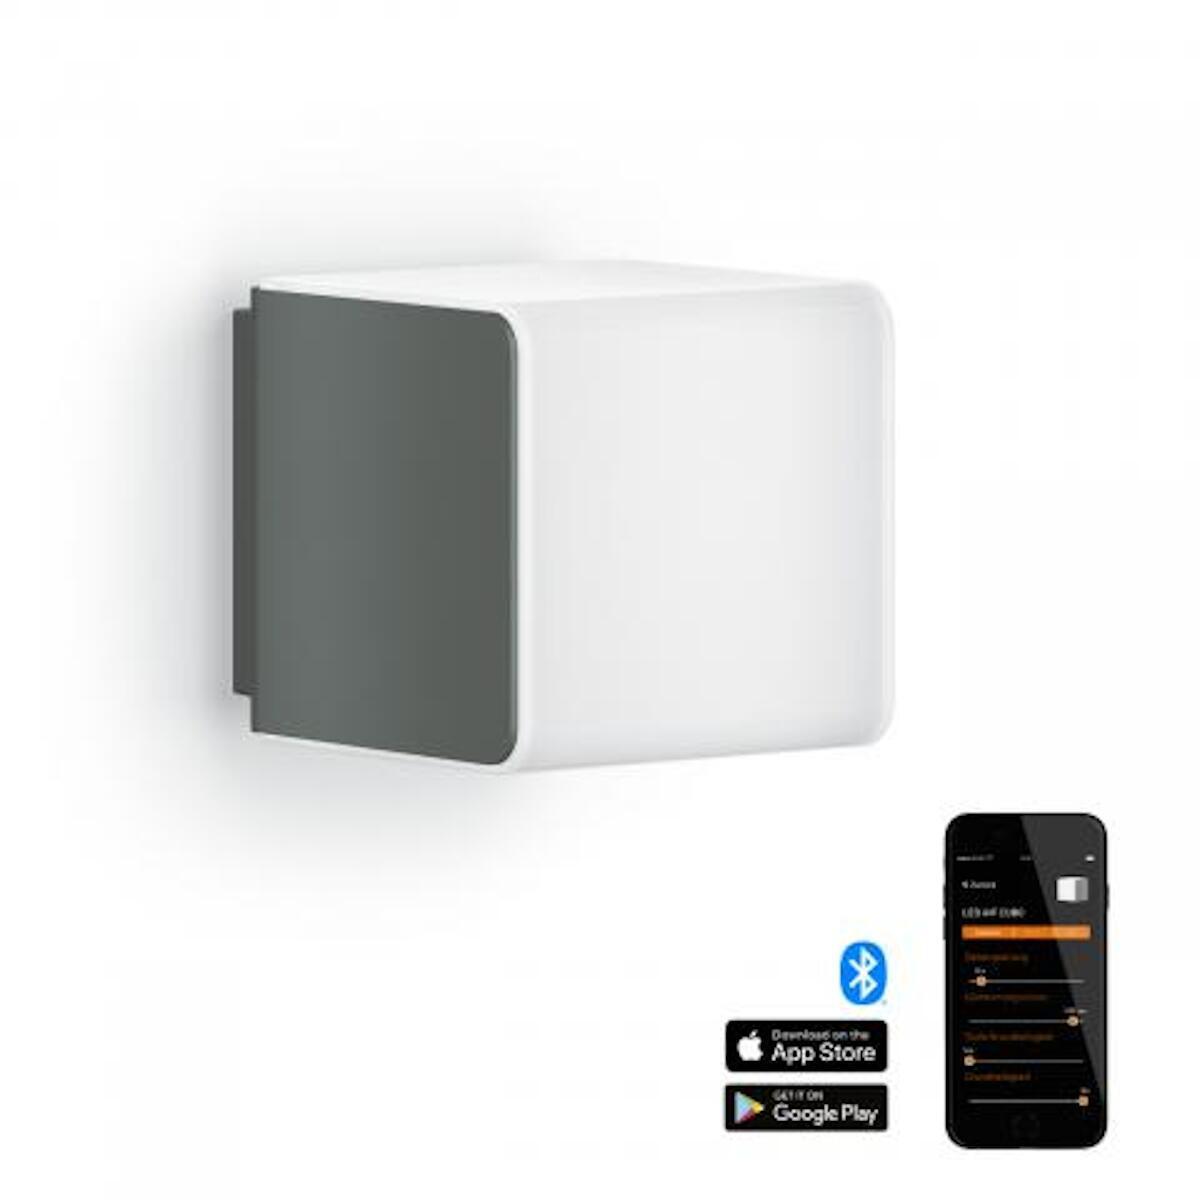 Applique L 830 LED integrato con sensore di movimento, grigio, 9.5W 502LM IP44 STEINEL - 4